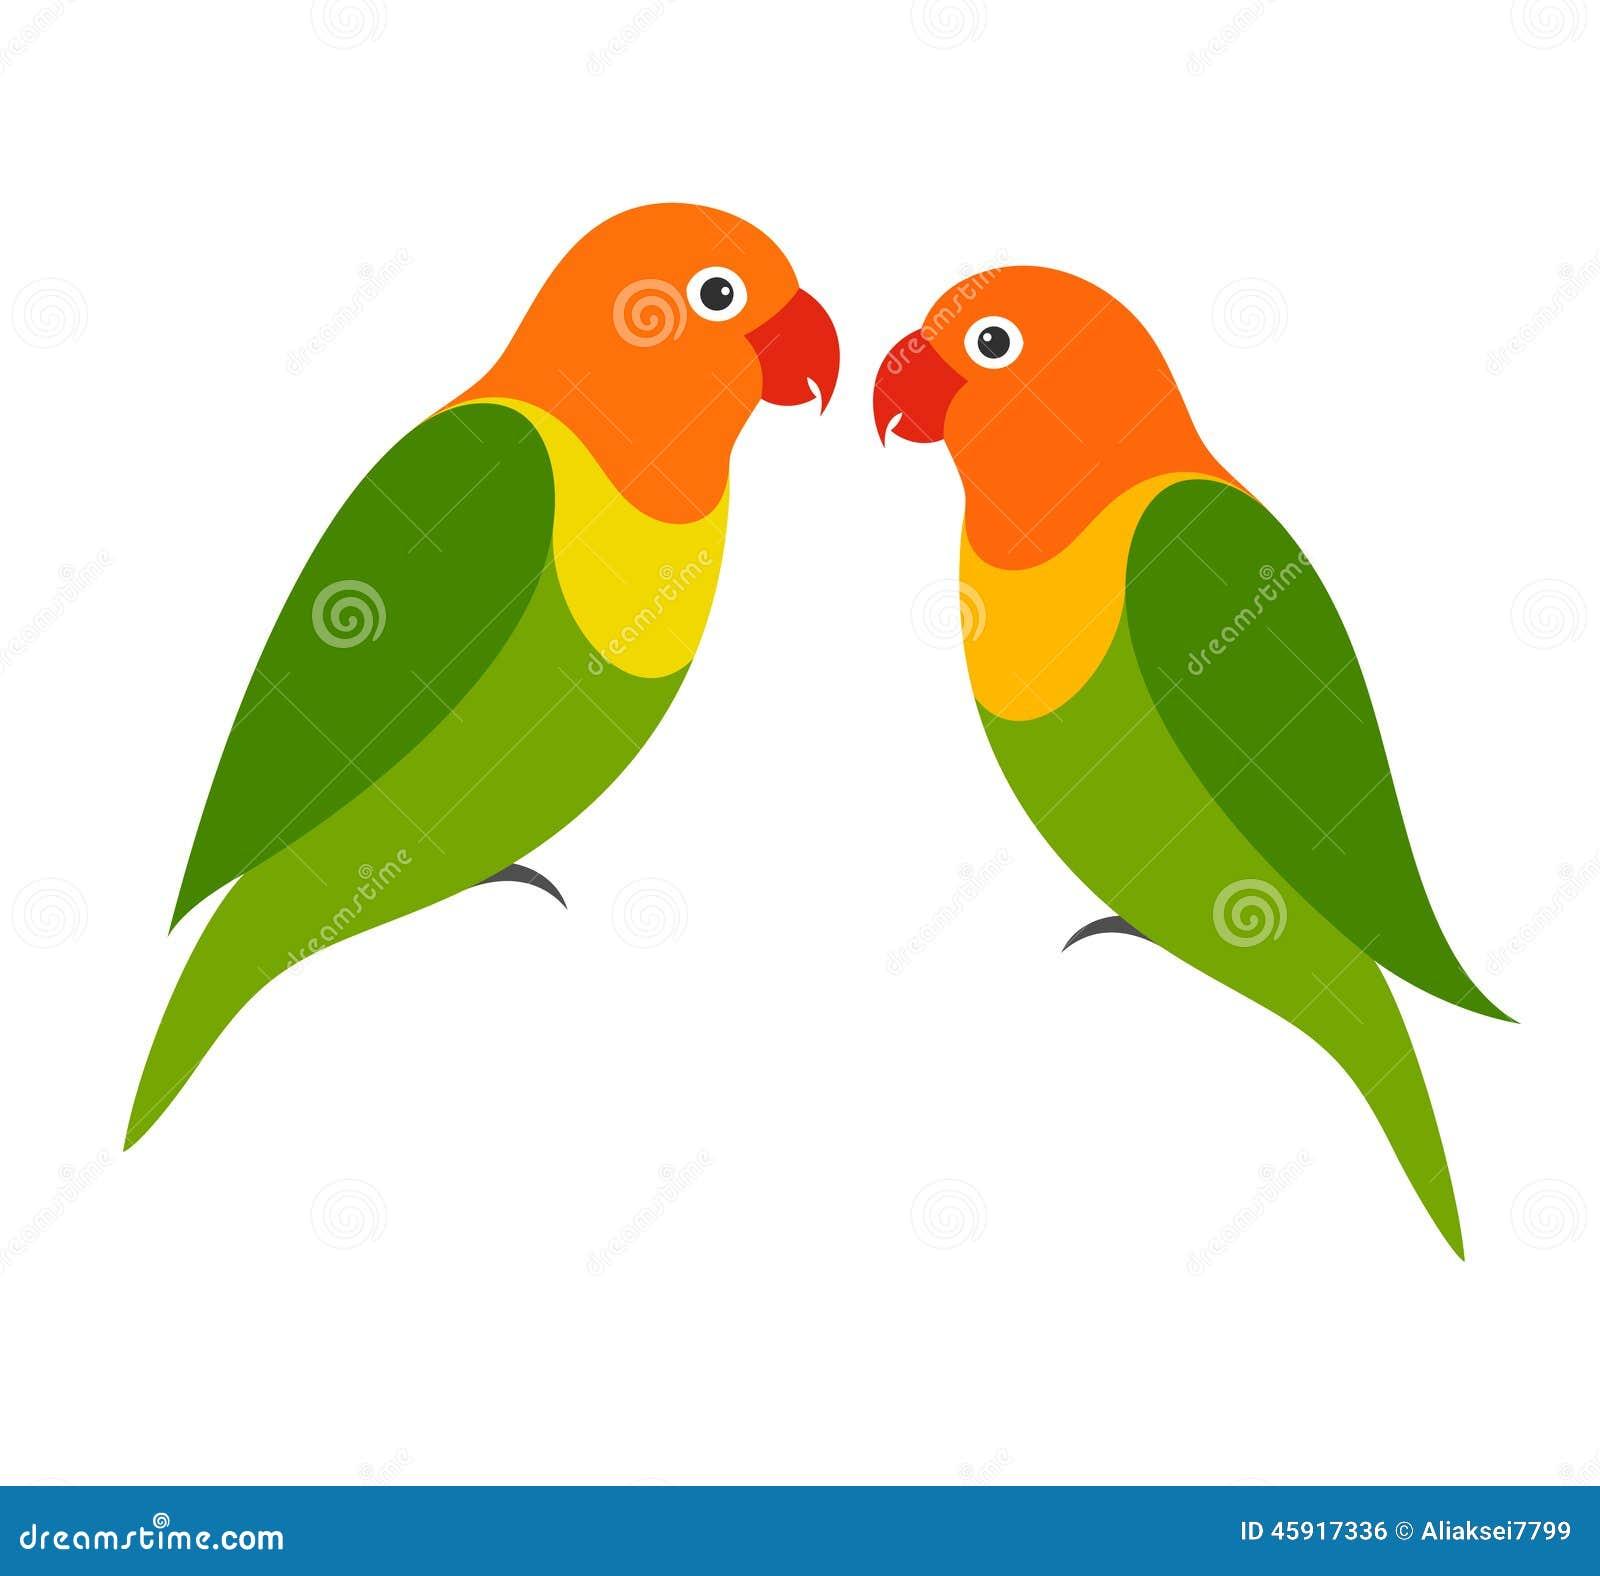 parrot lovebird stock vector illustration of tropical 45917336 rh dreamstime com love bird tree clipart love bird tree clipart